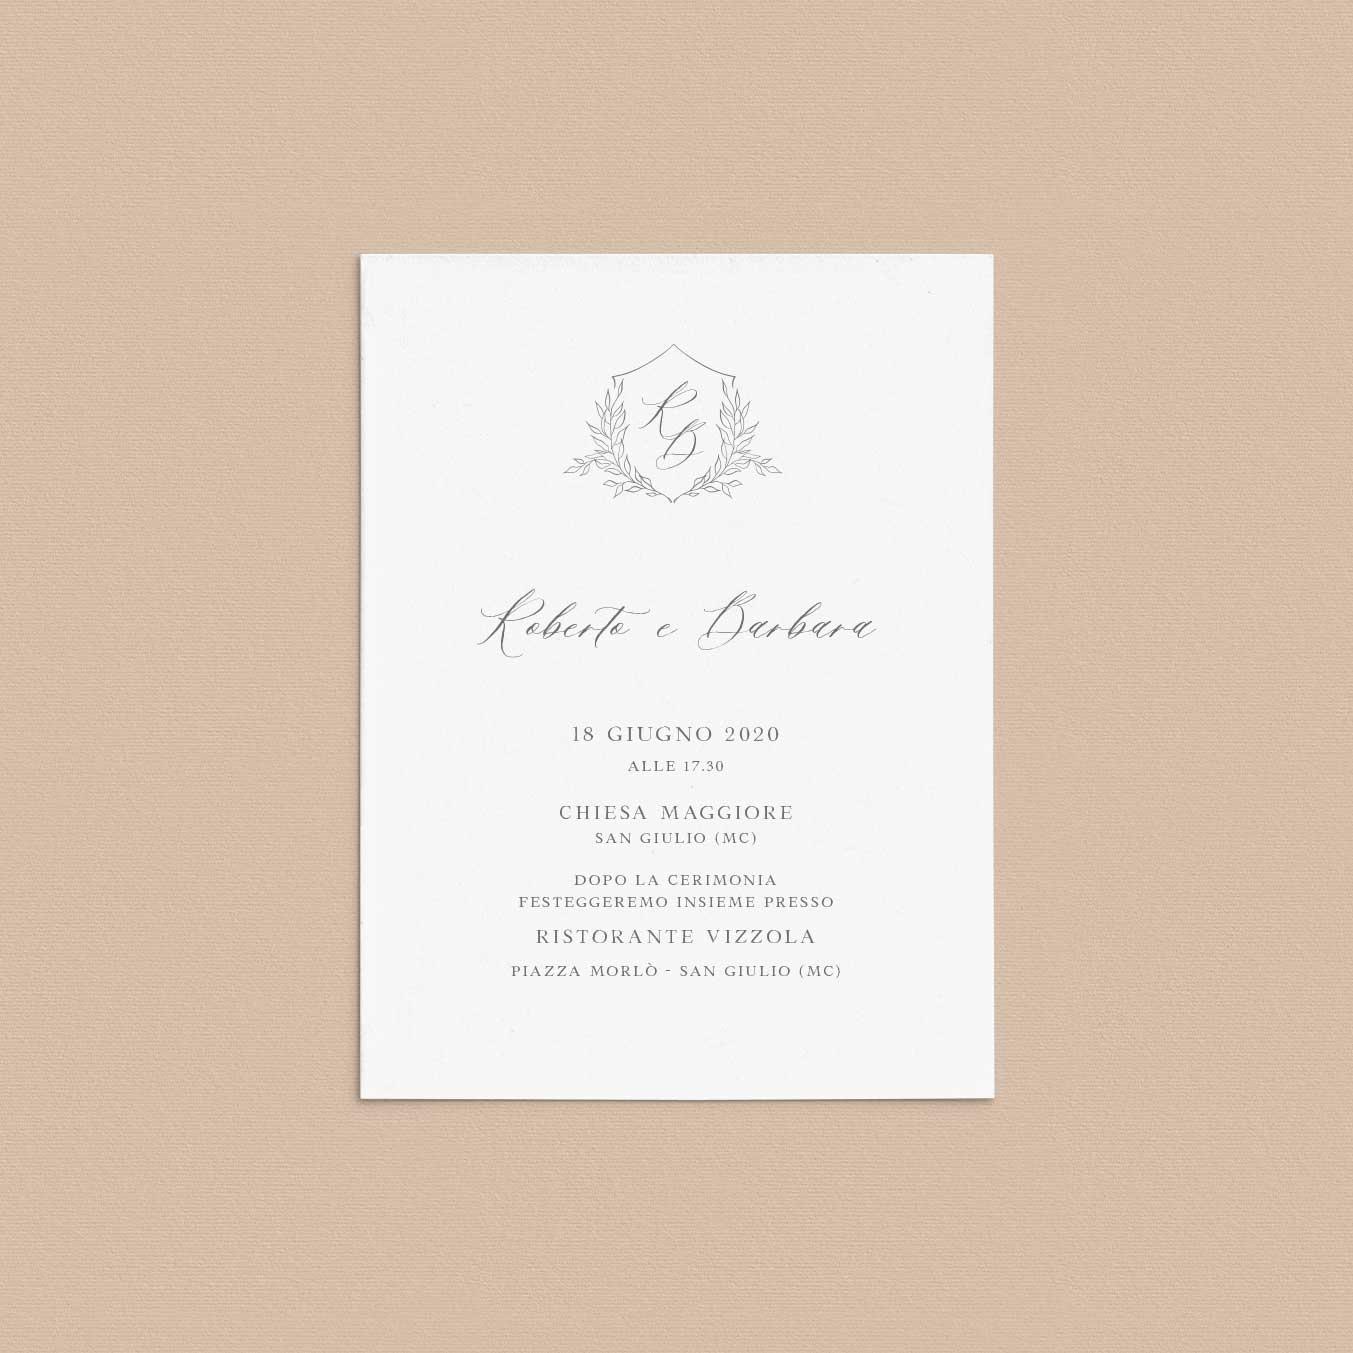 Invito-matrimonio-2020-stemma-rustico-vintage-personalizzato-su-misura-partecipazioni-nozze